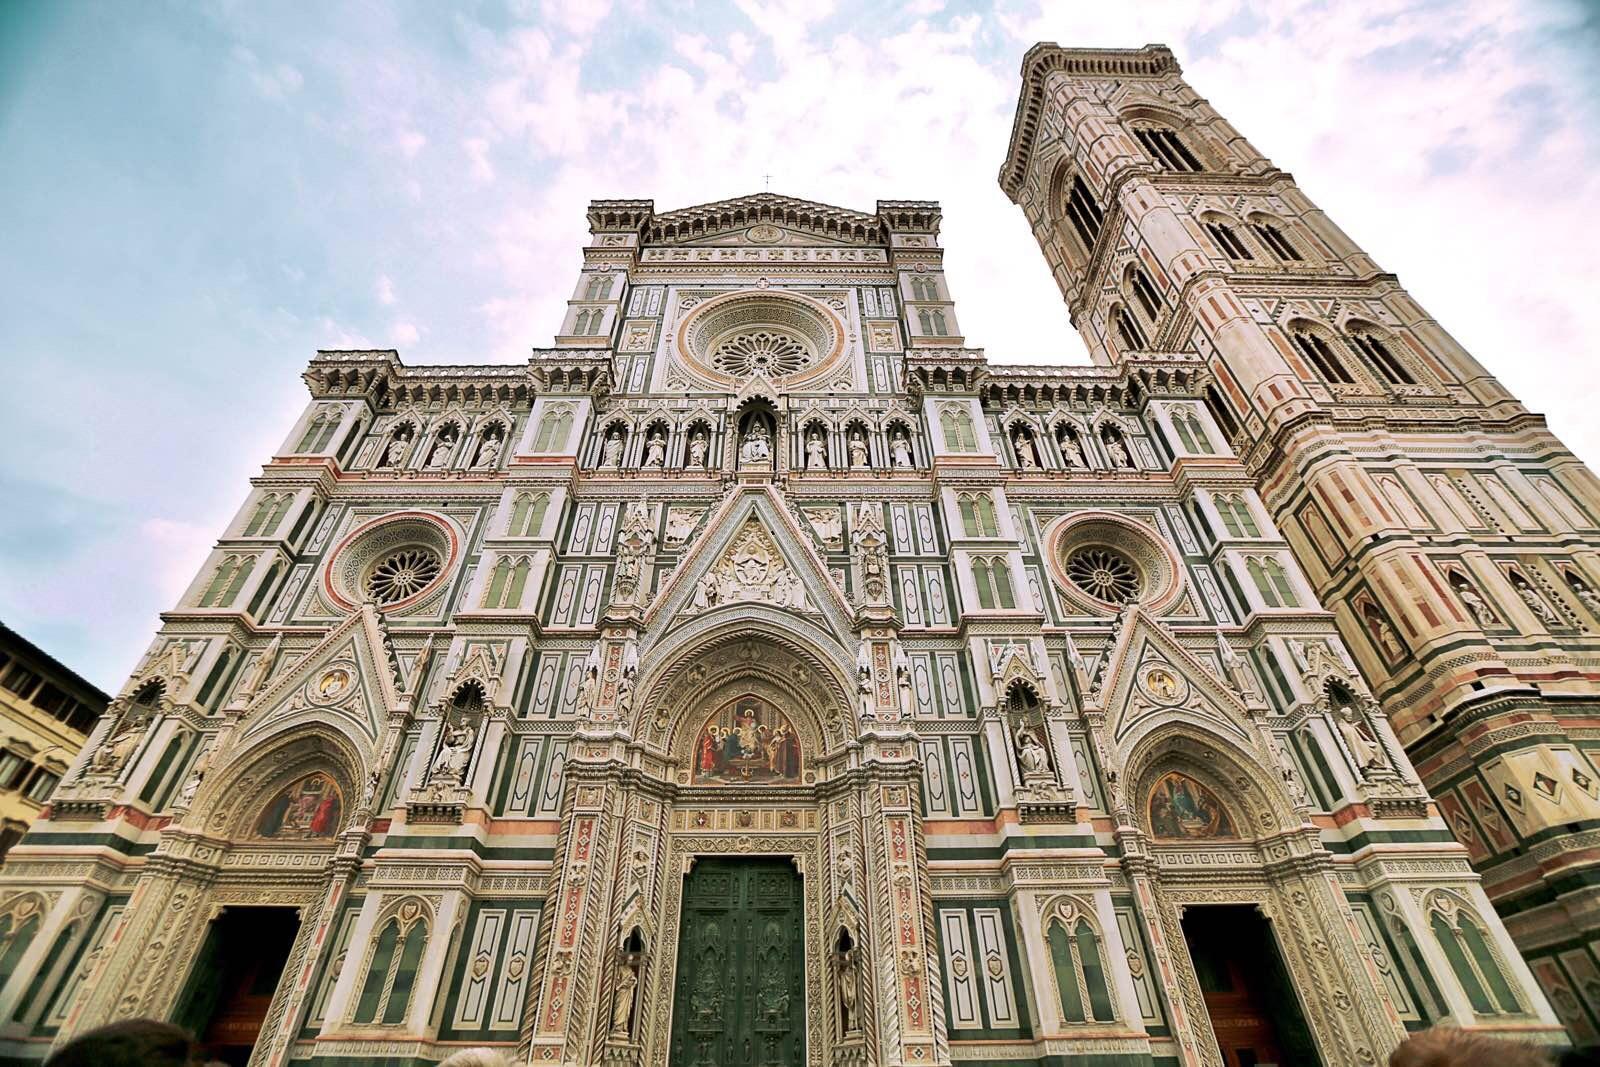 然而街边建筑的历史都超过了几百年~穿过这一段段古老的中世纪欧式